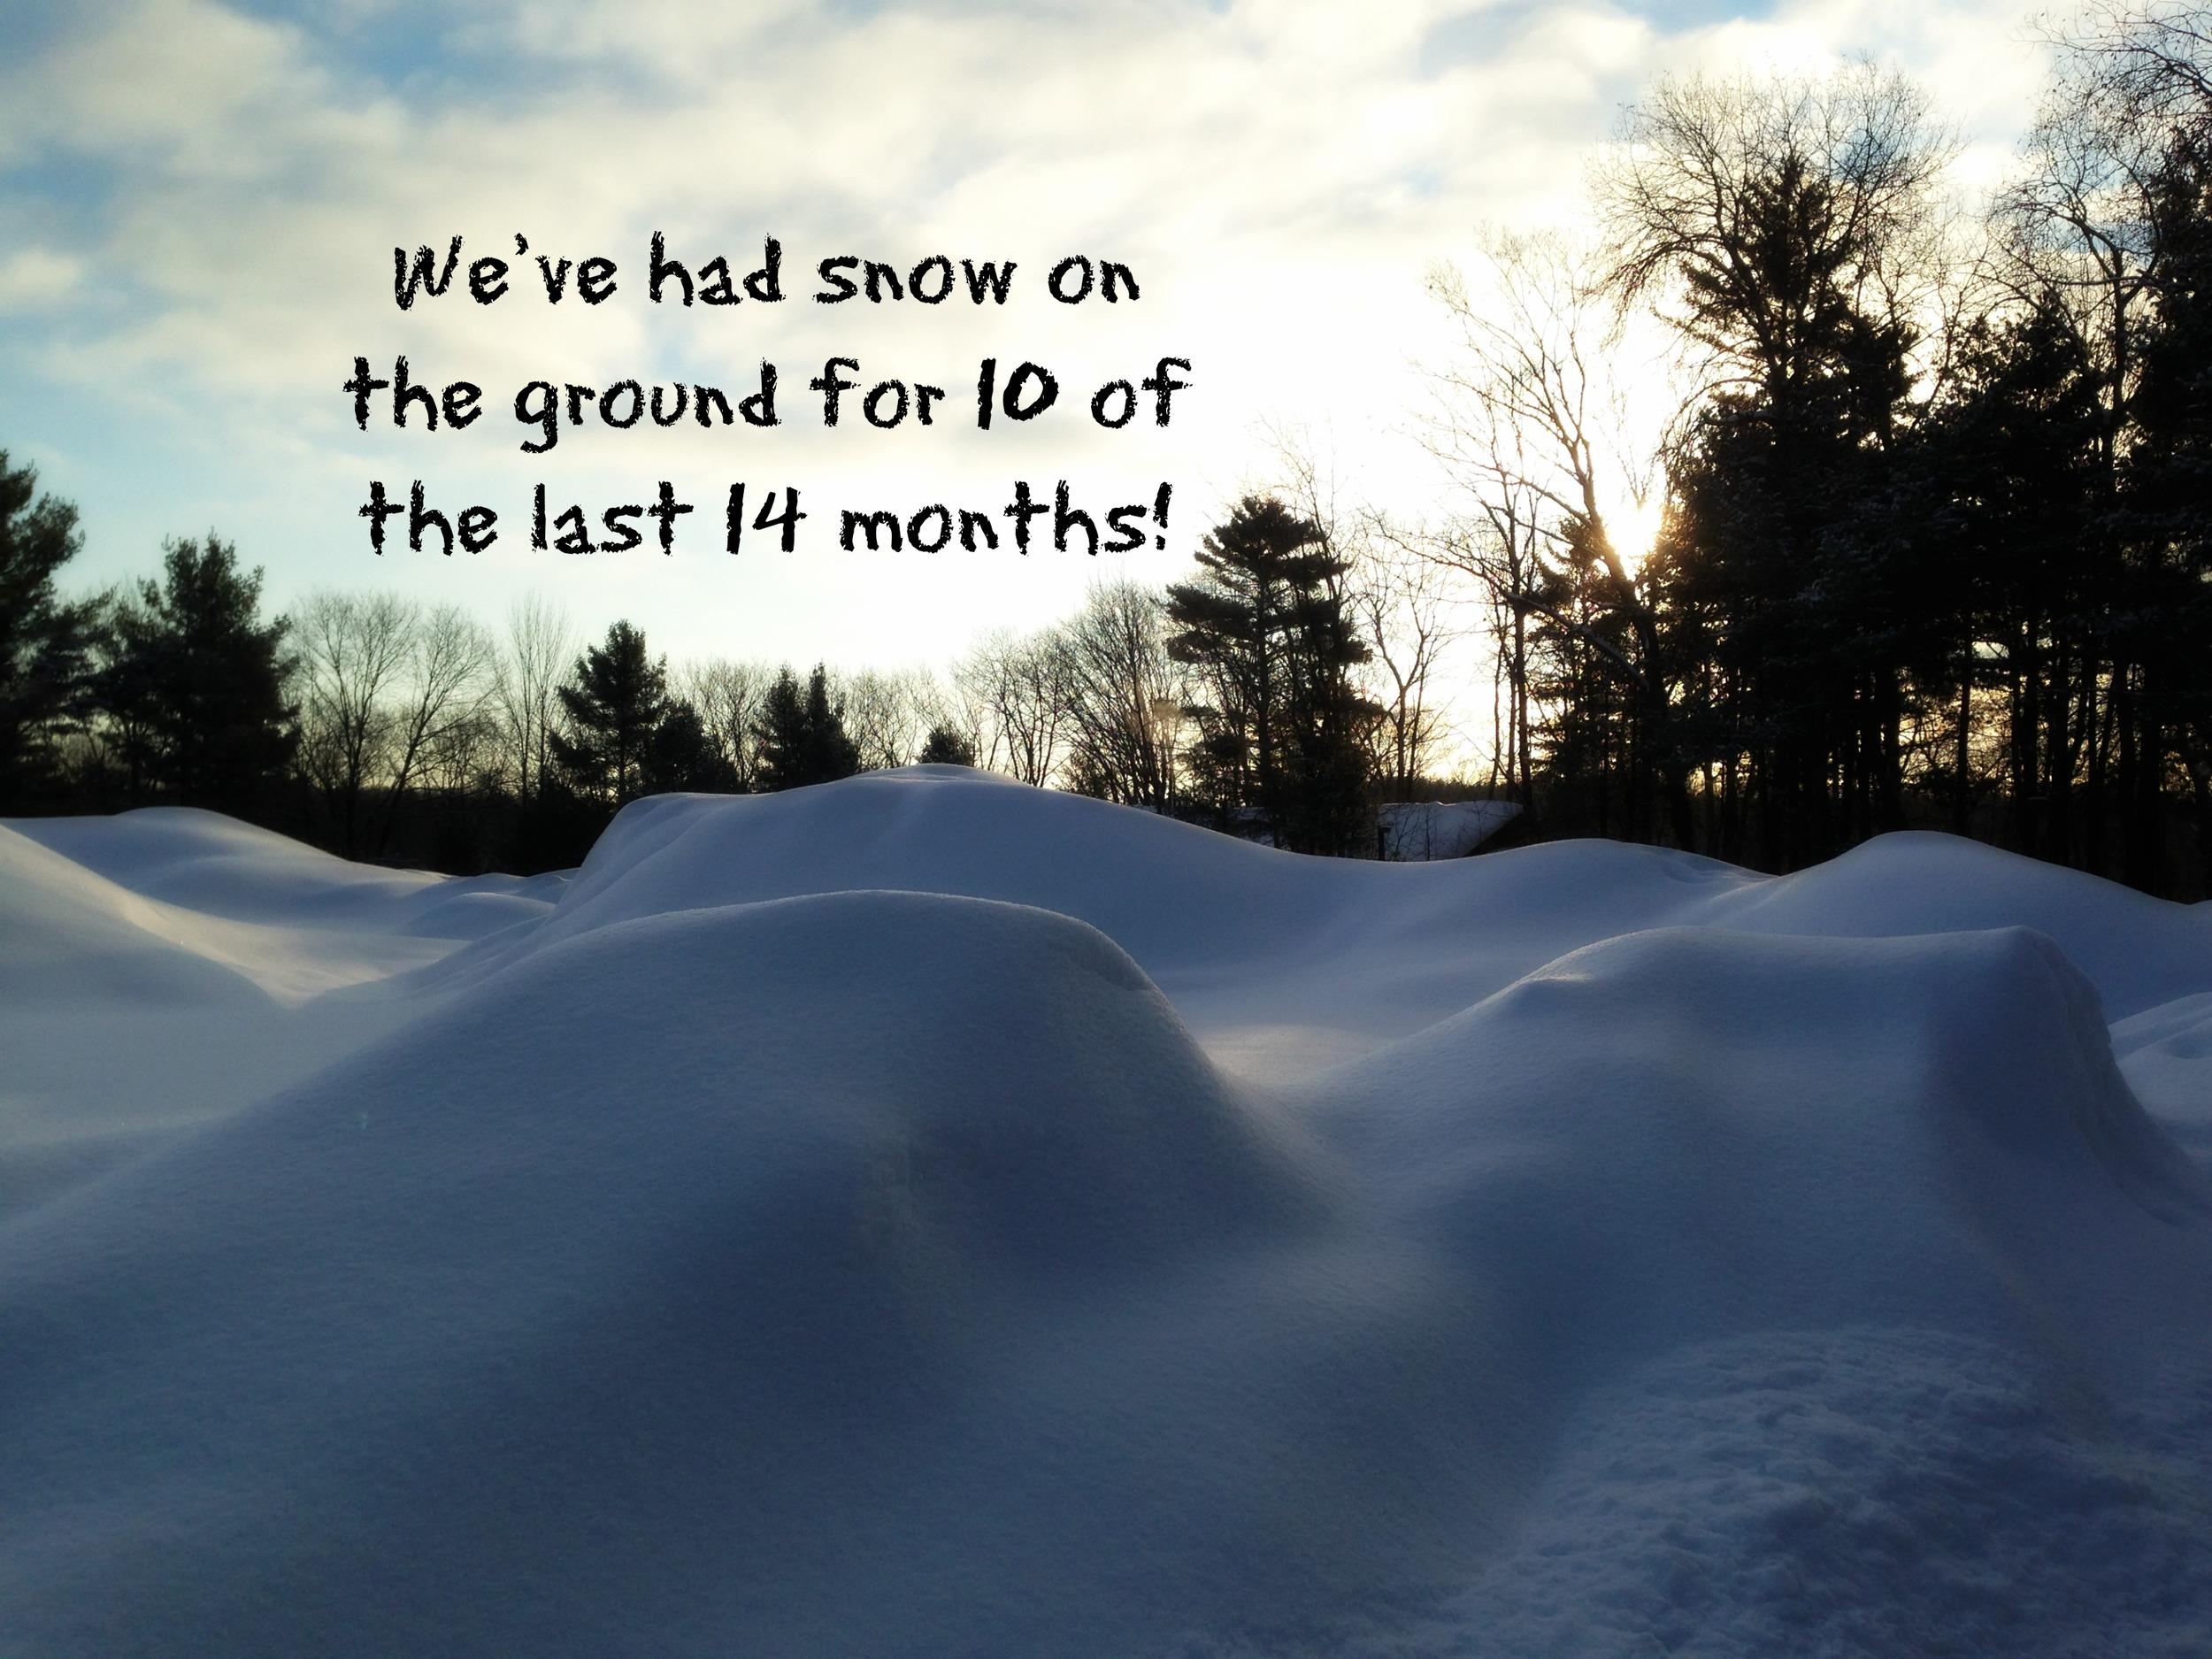 Snow 10:14 months